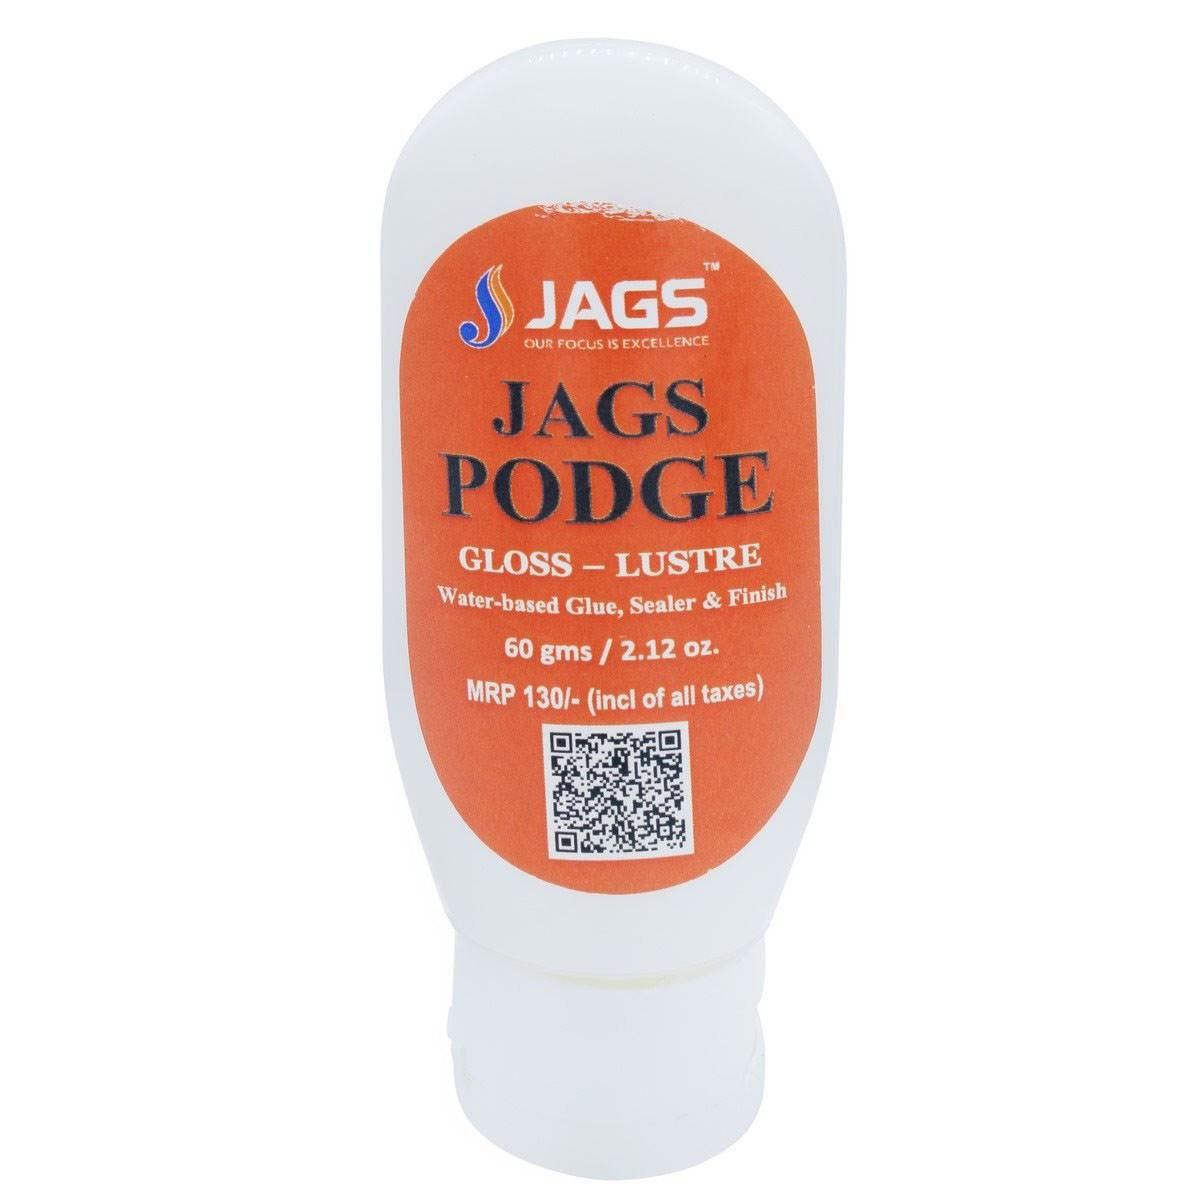 Podge Gloss-Lustre Water-Based Glue Sealer & Finish